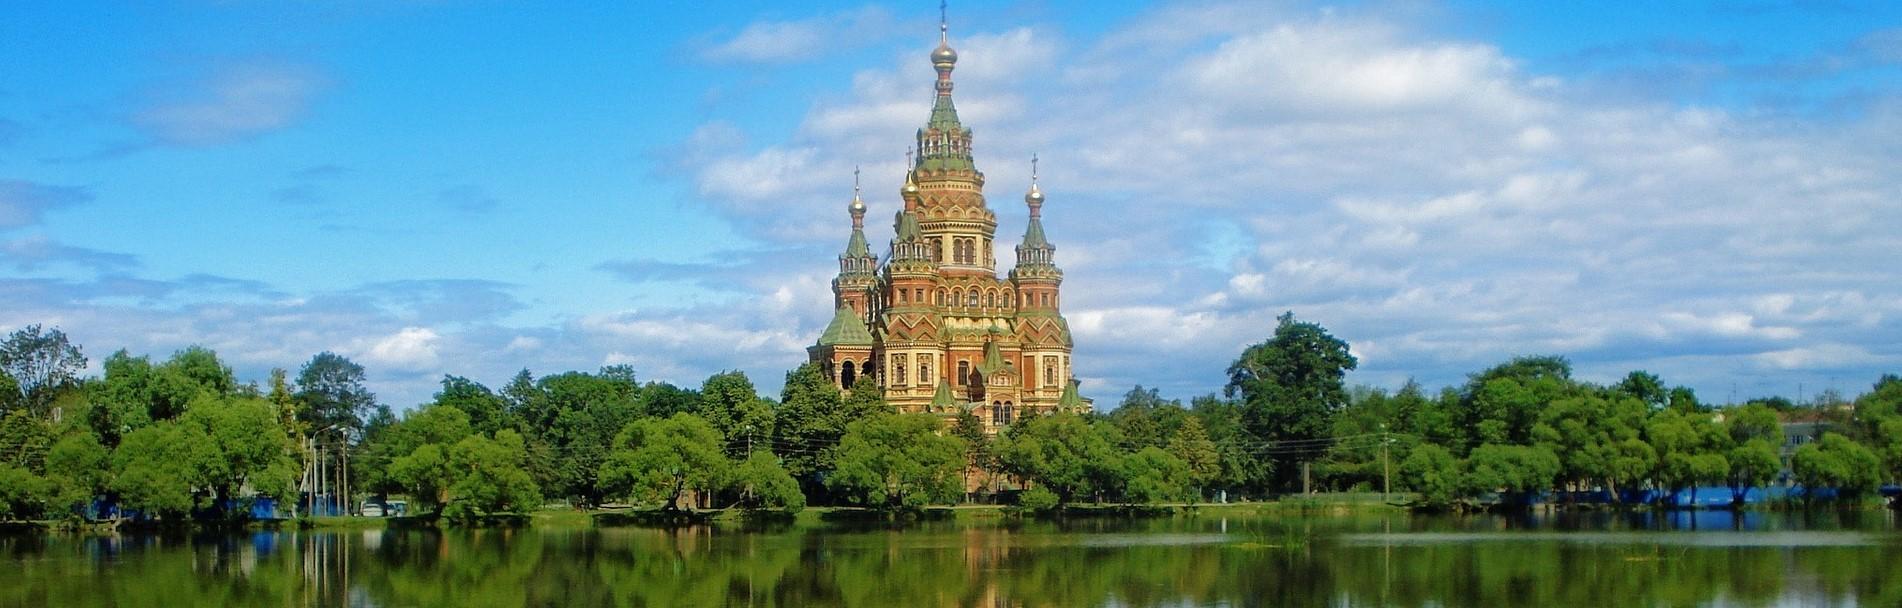 Russia: Pskov to St. Petersburg